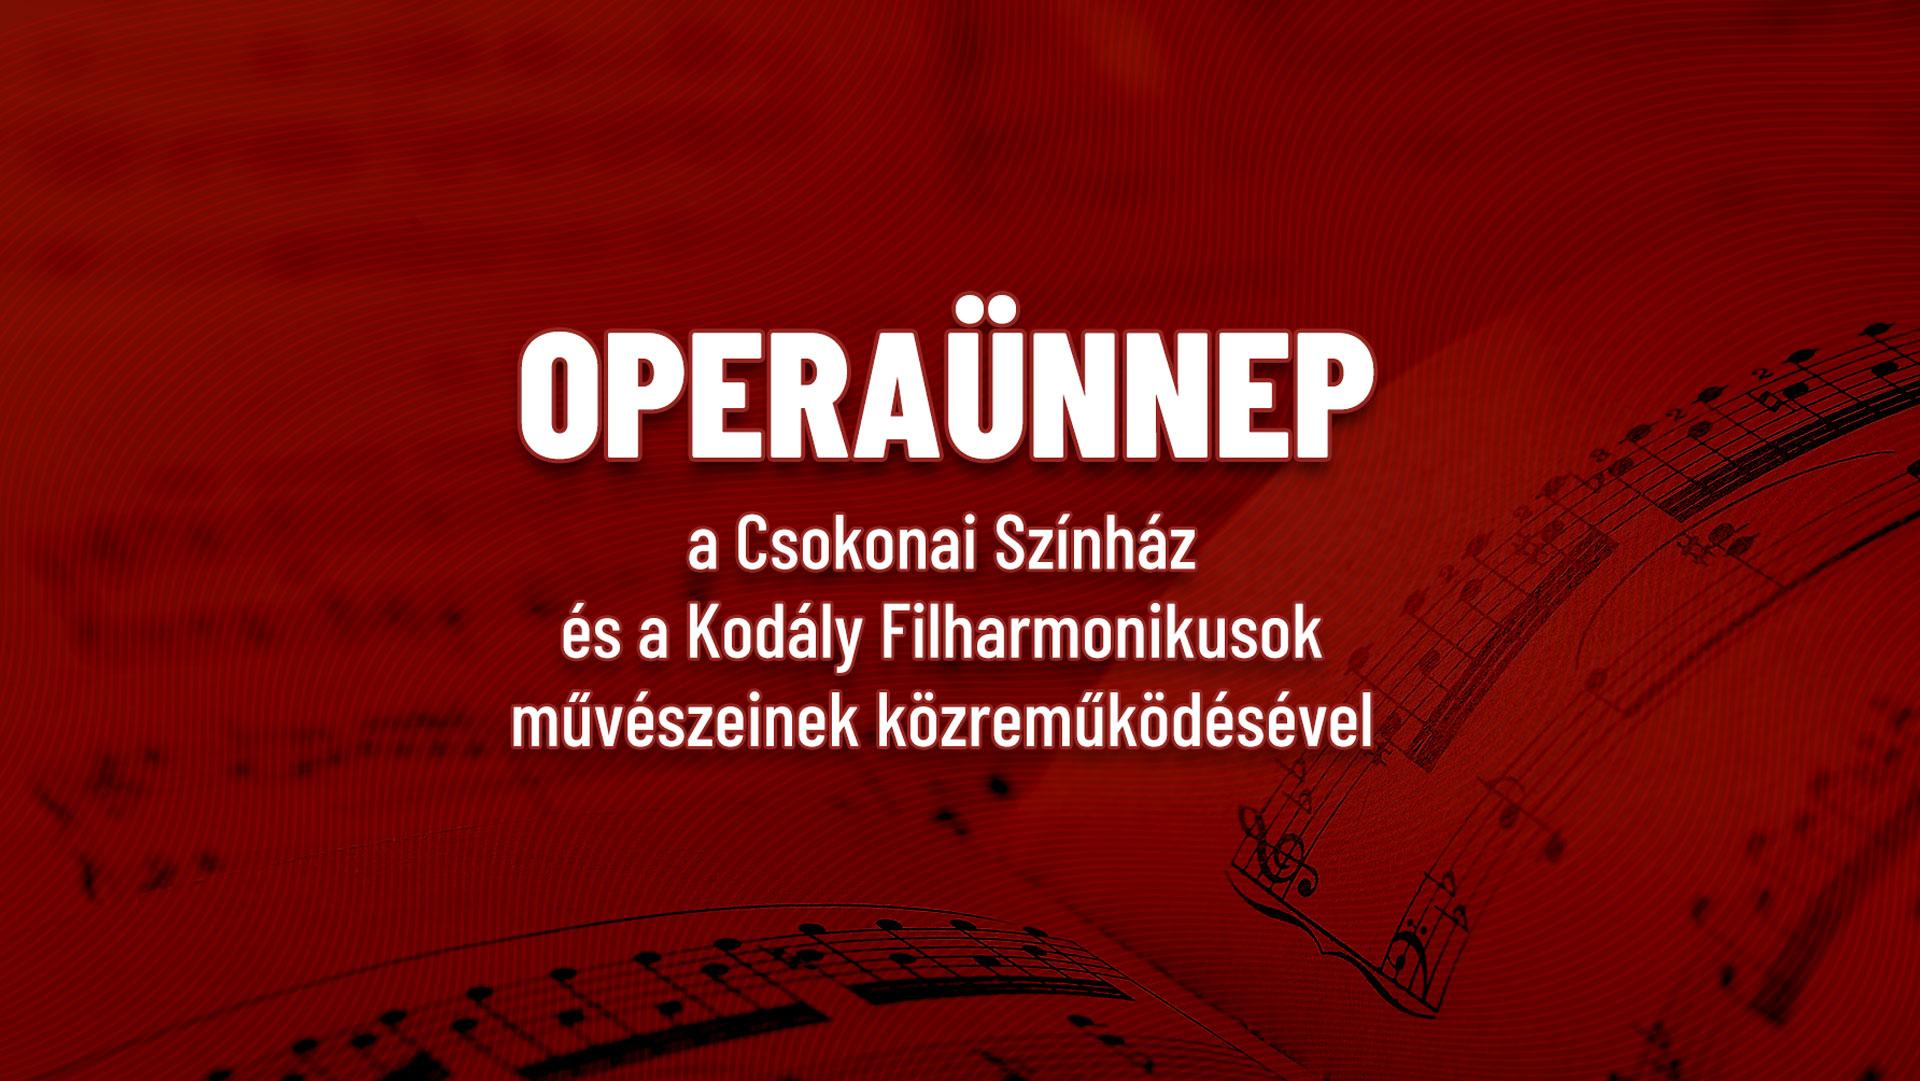 Operaünnep a 9. Szent László Napok ünnepélyes megnyitóján